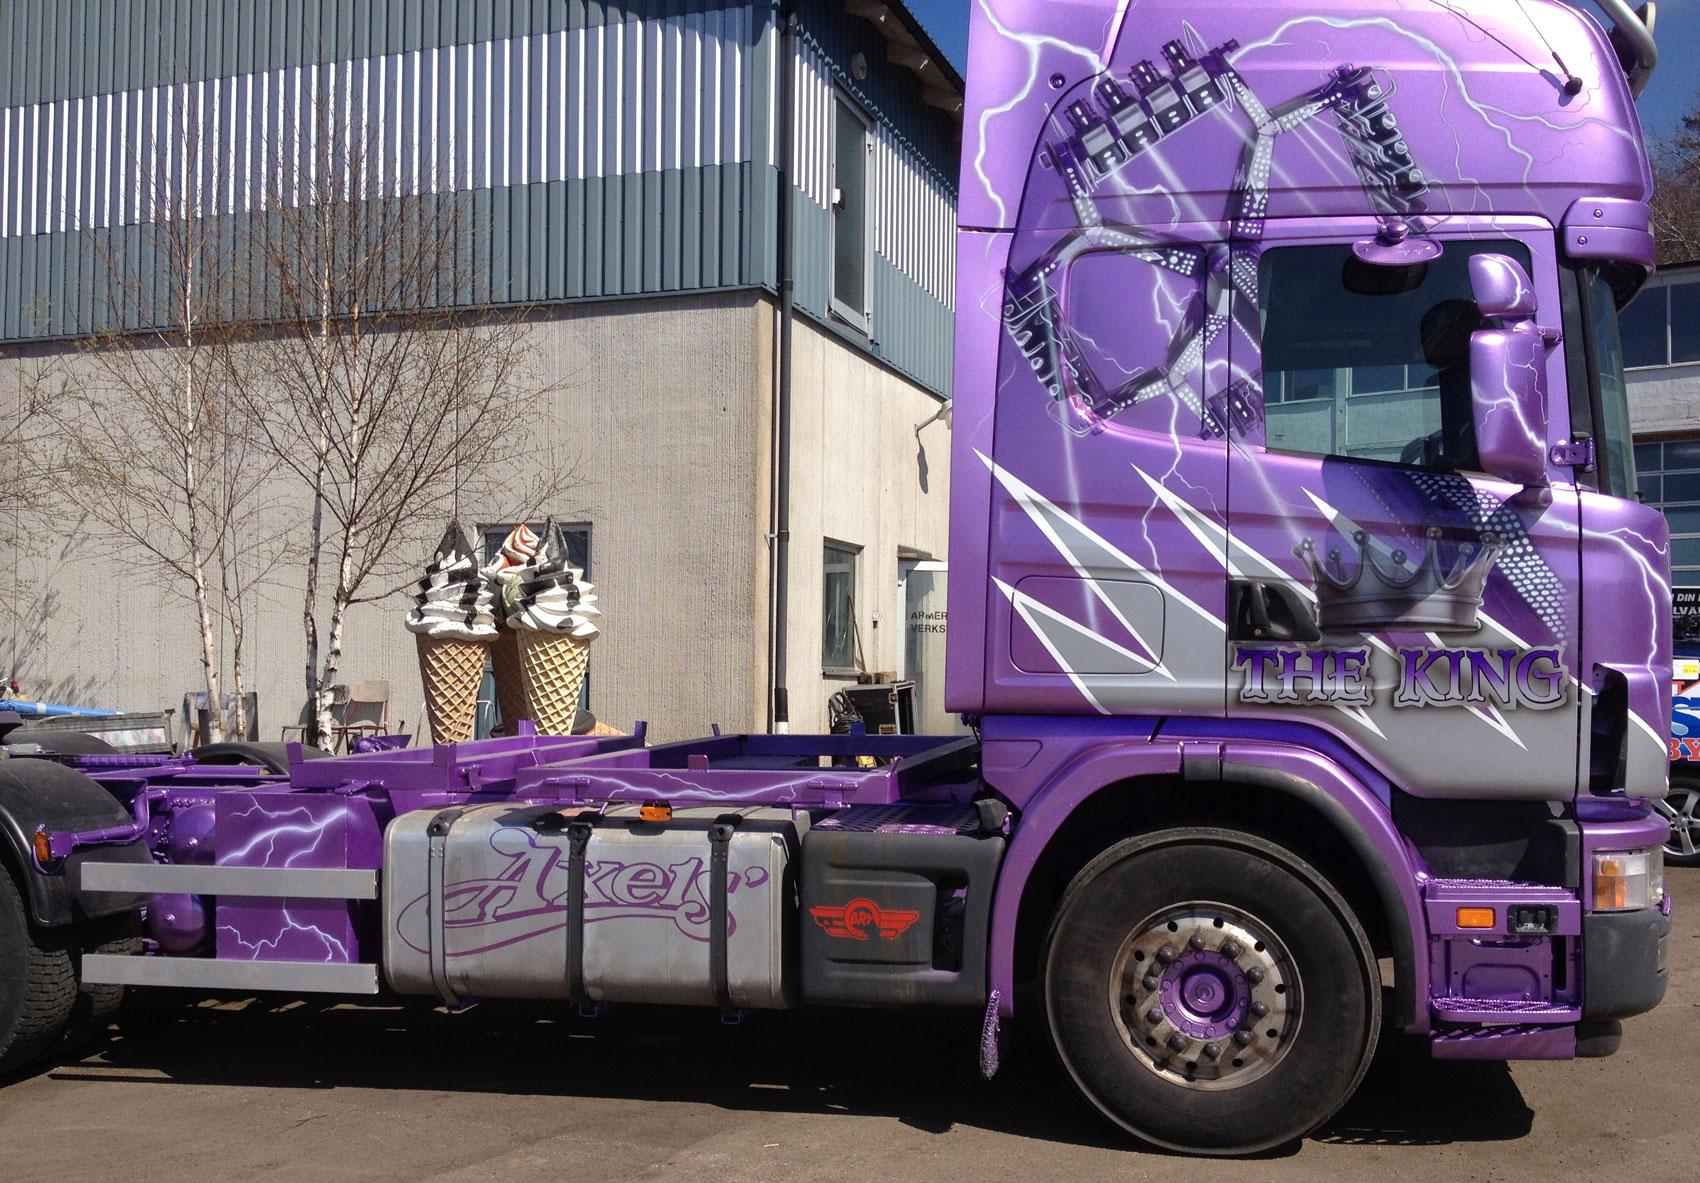 The King Lorry. Axels Tivoli.